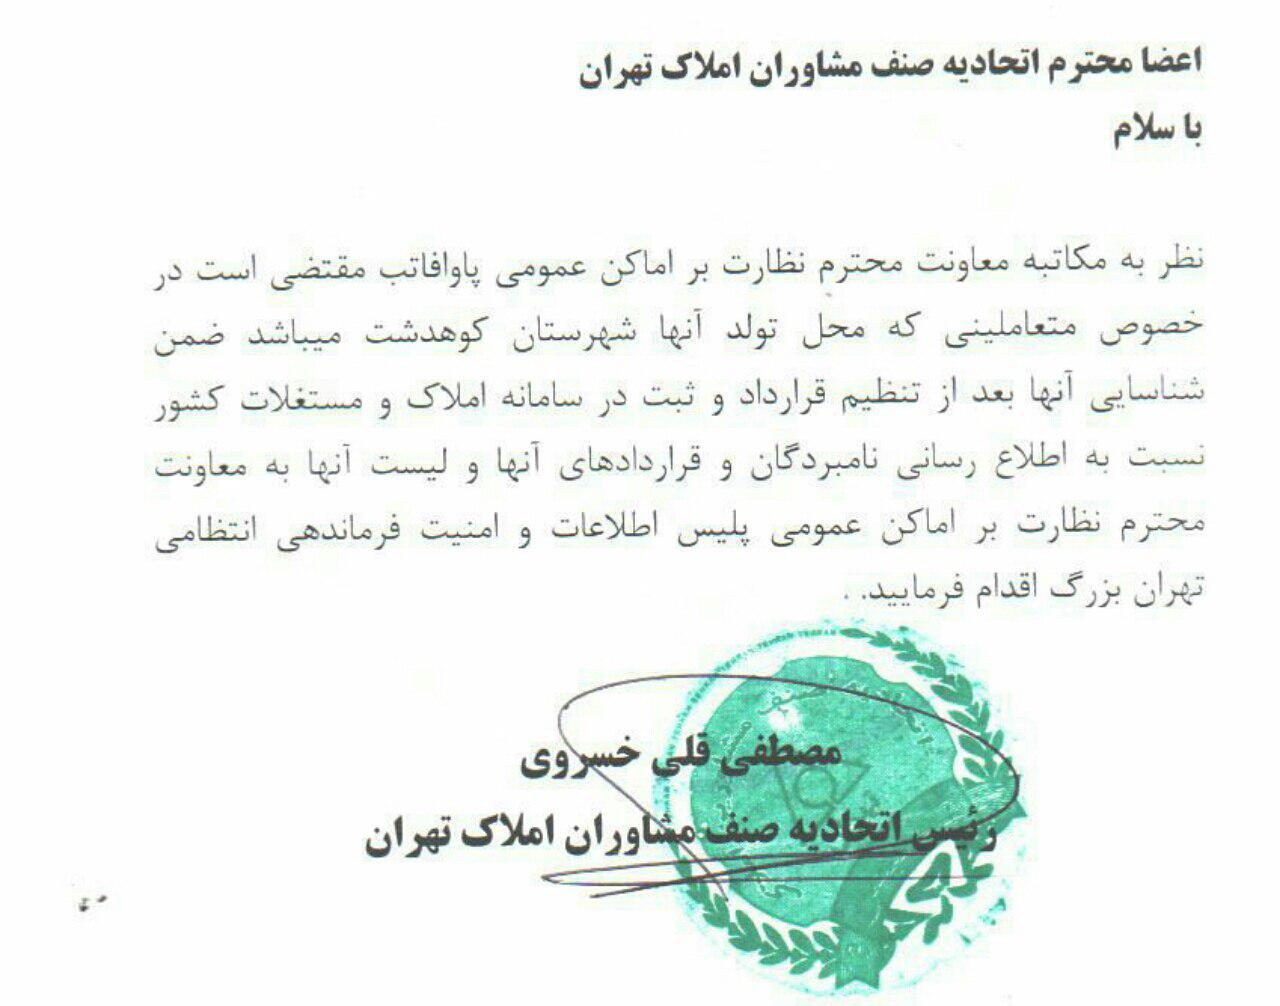 عذرخواهی پلیس و اتحادیه املاک تهران بخاطر اقدامی که بوی توهین نمی دهد!